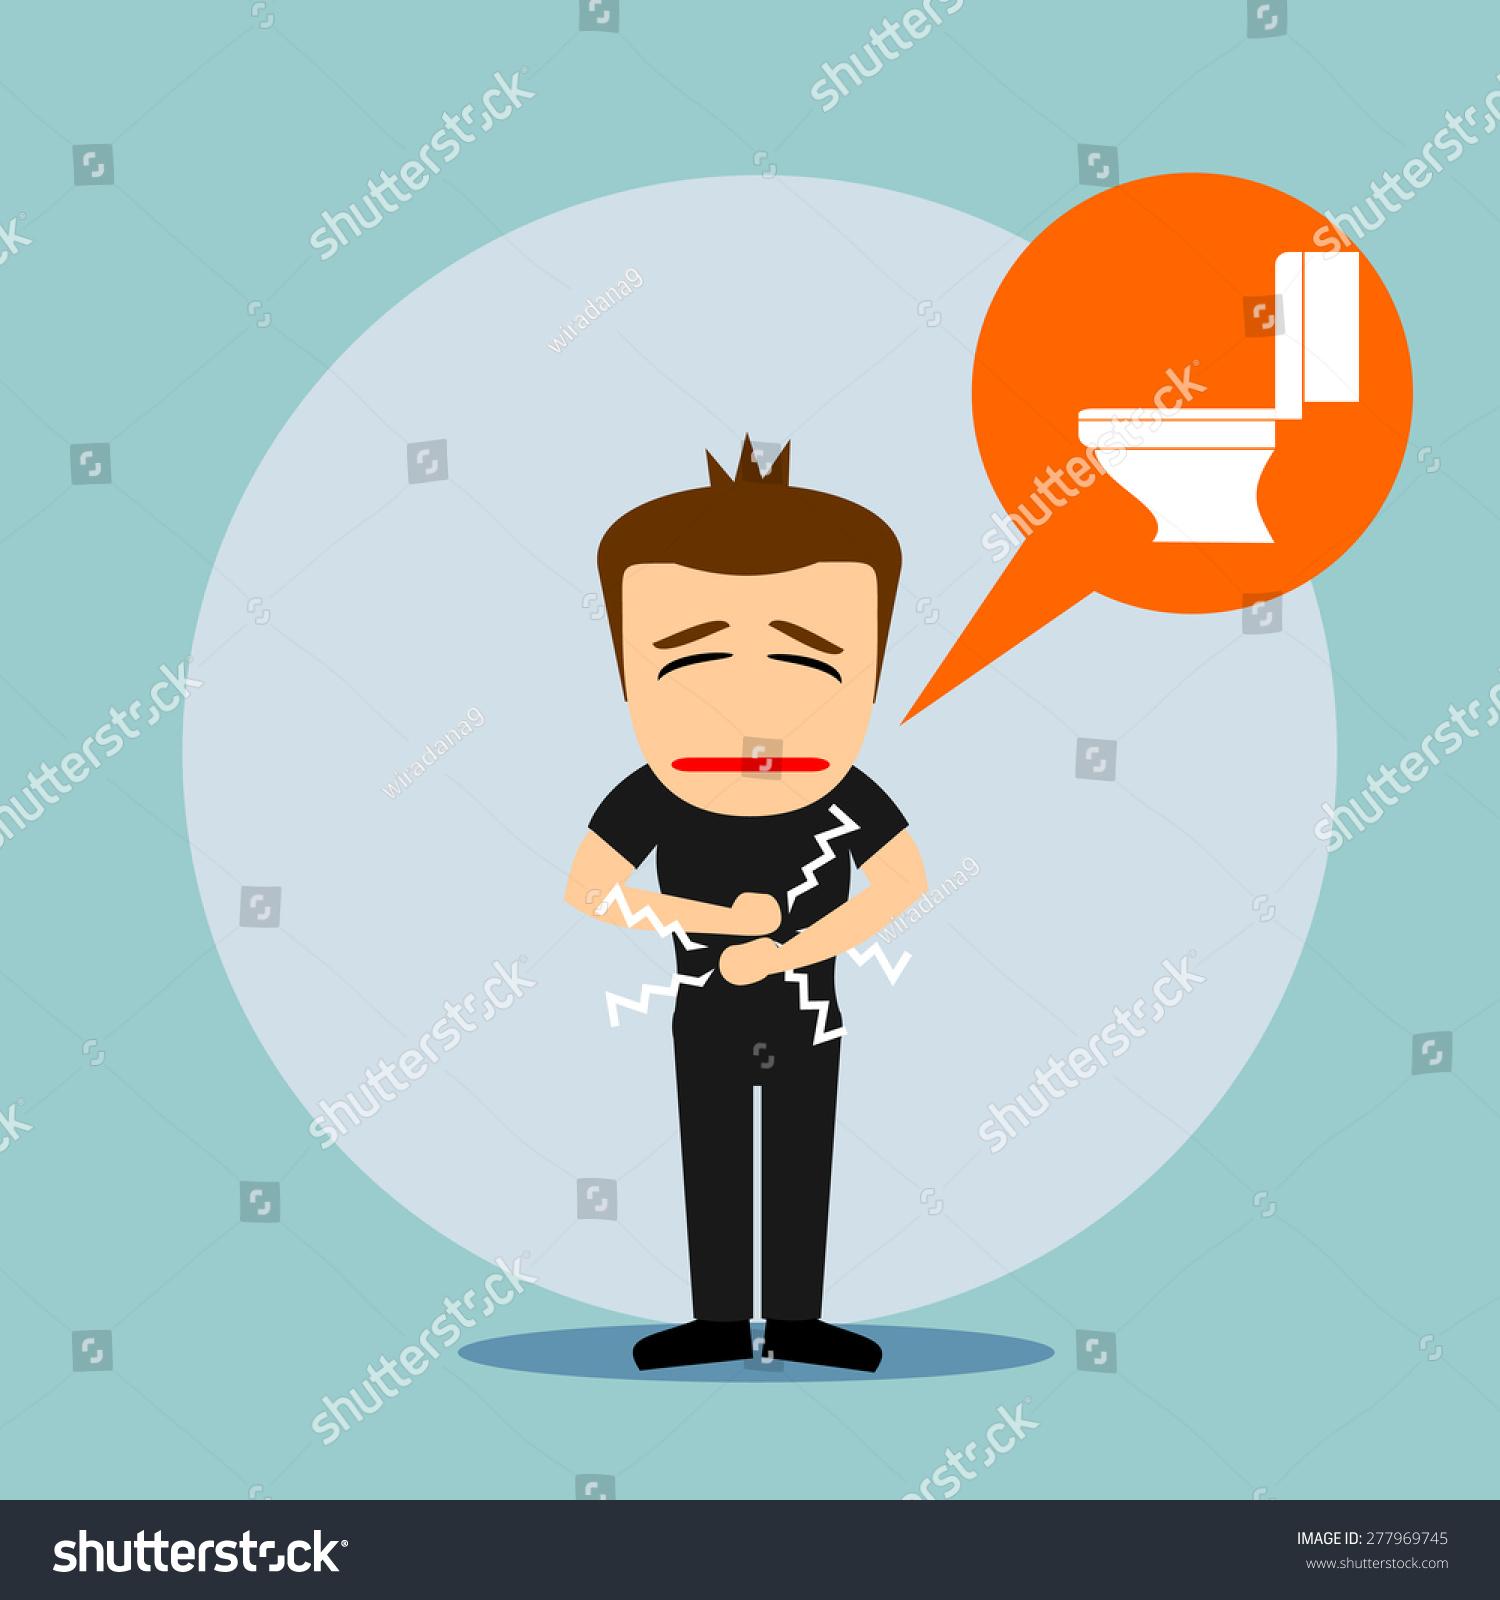 Boys cartoon character want go to toilet Boys Cartoon Character Want Go  Toilet Stock Vector. Go To The Toilet   shoe800 com